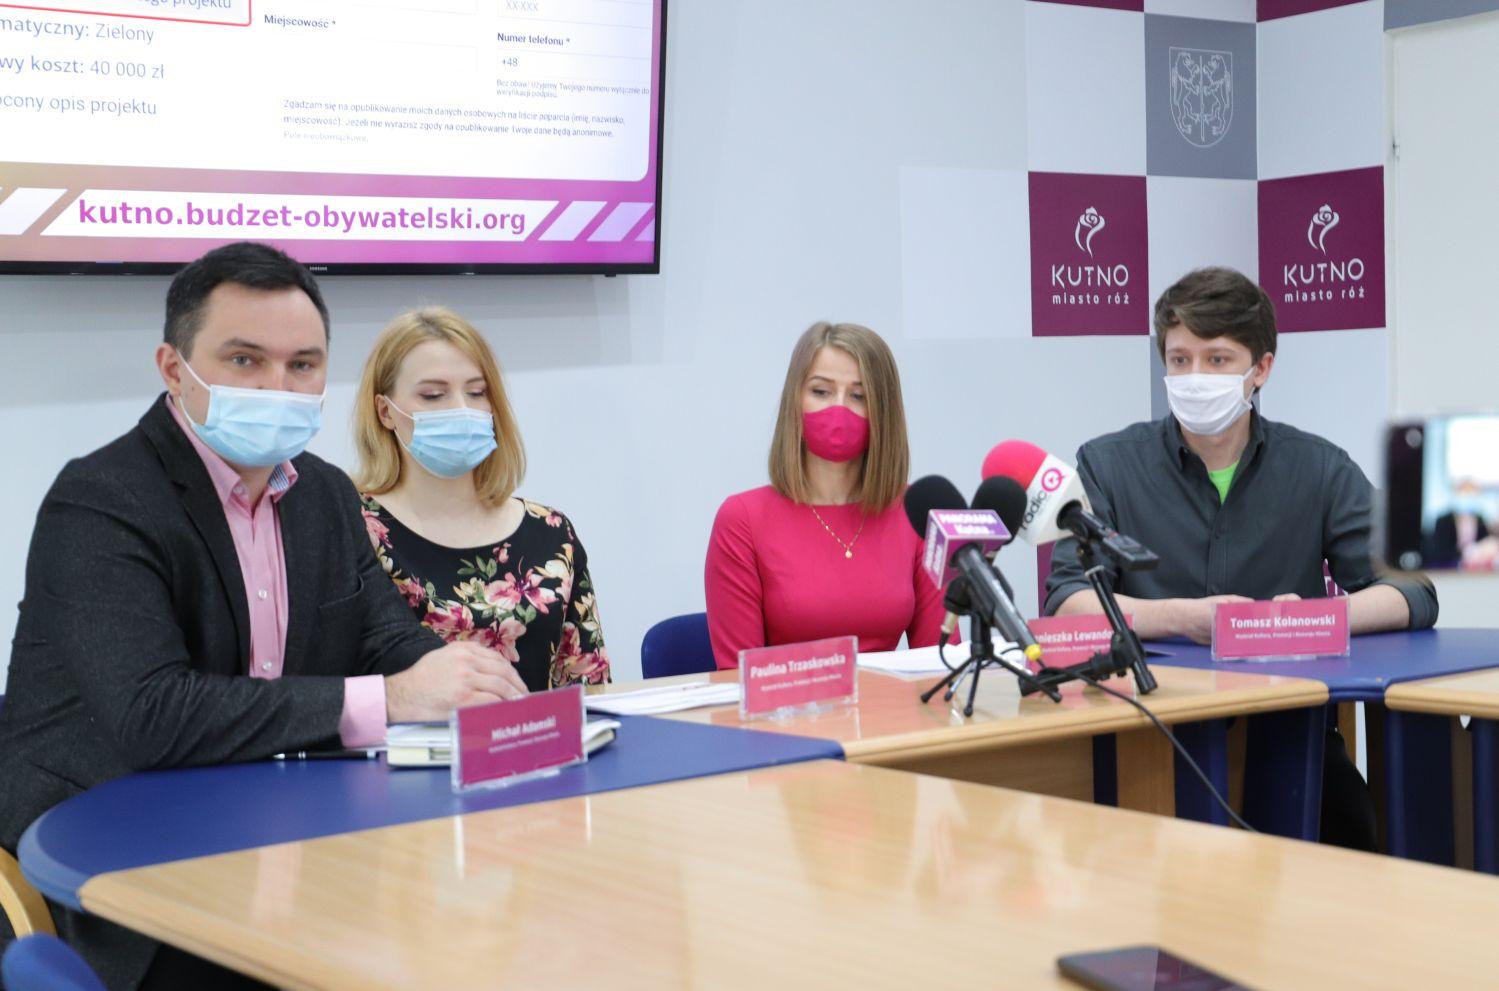 [ZDJĘCIA/WIDEO] Wyczekiwany powrót Kutnowskiego Budżetu Obywatelskiego. Urząd podaje szczegóły - Zdjęcie główne